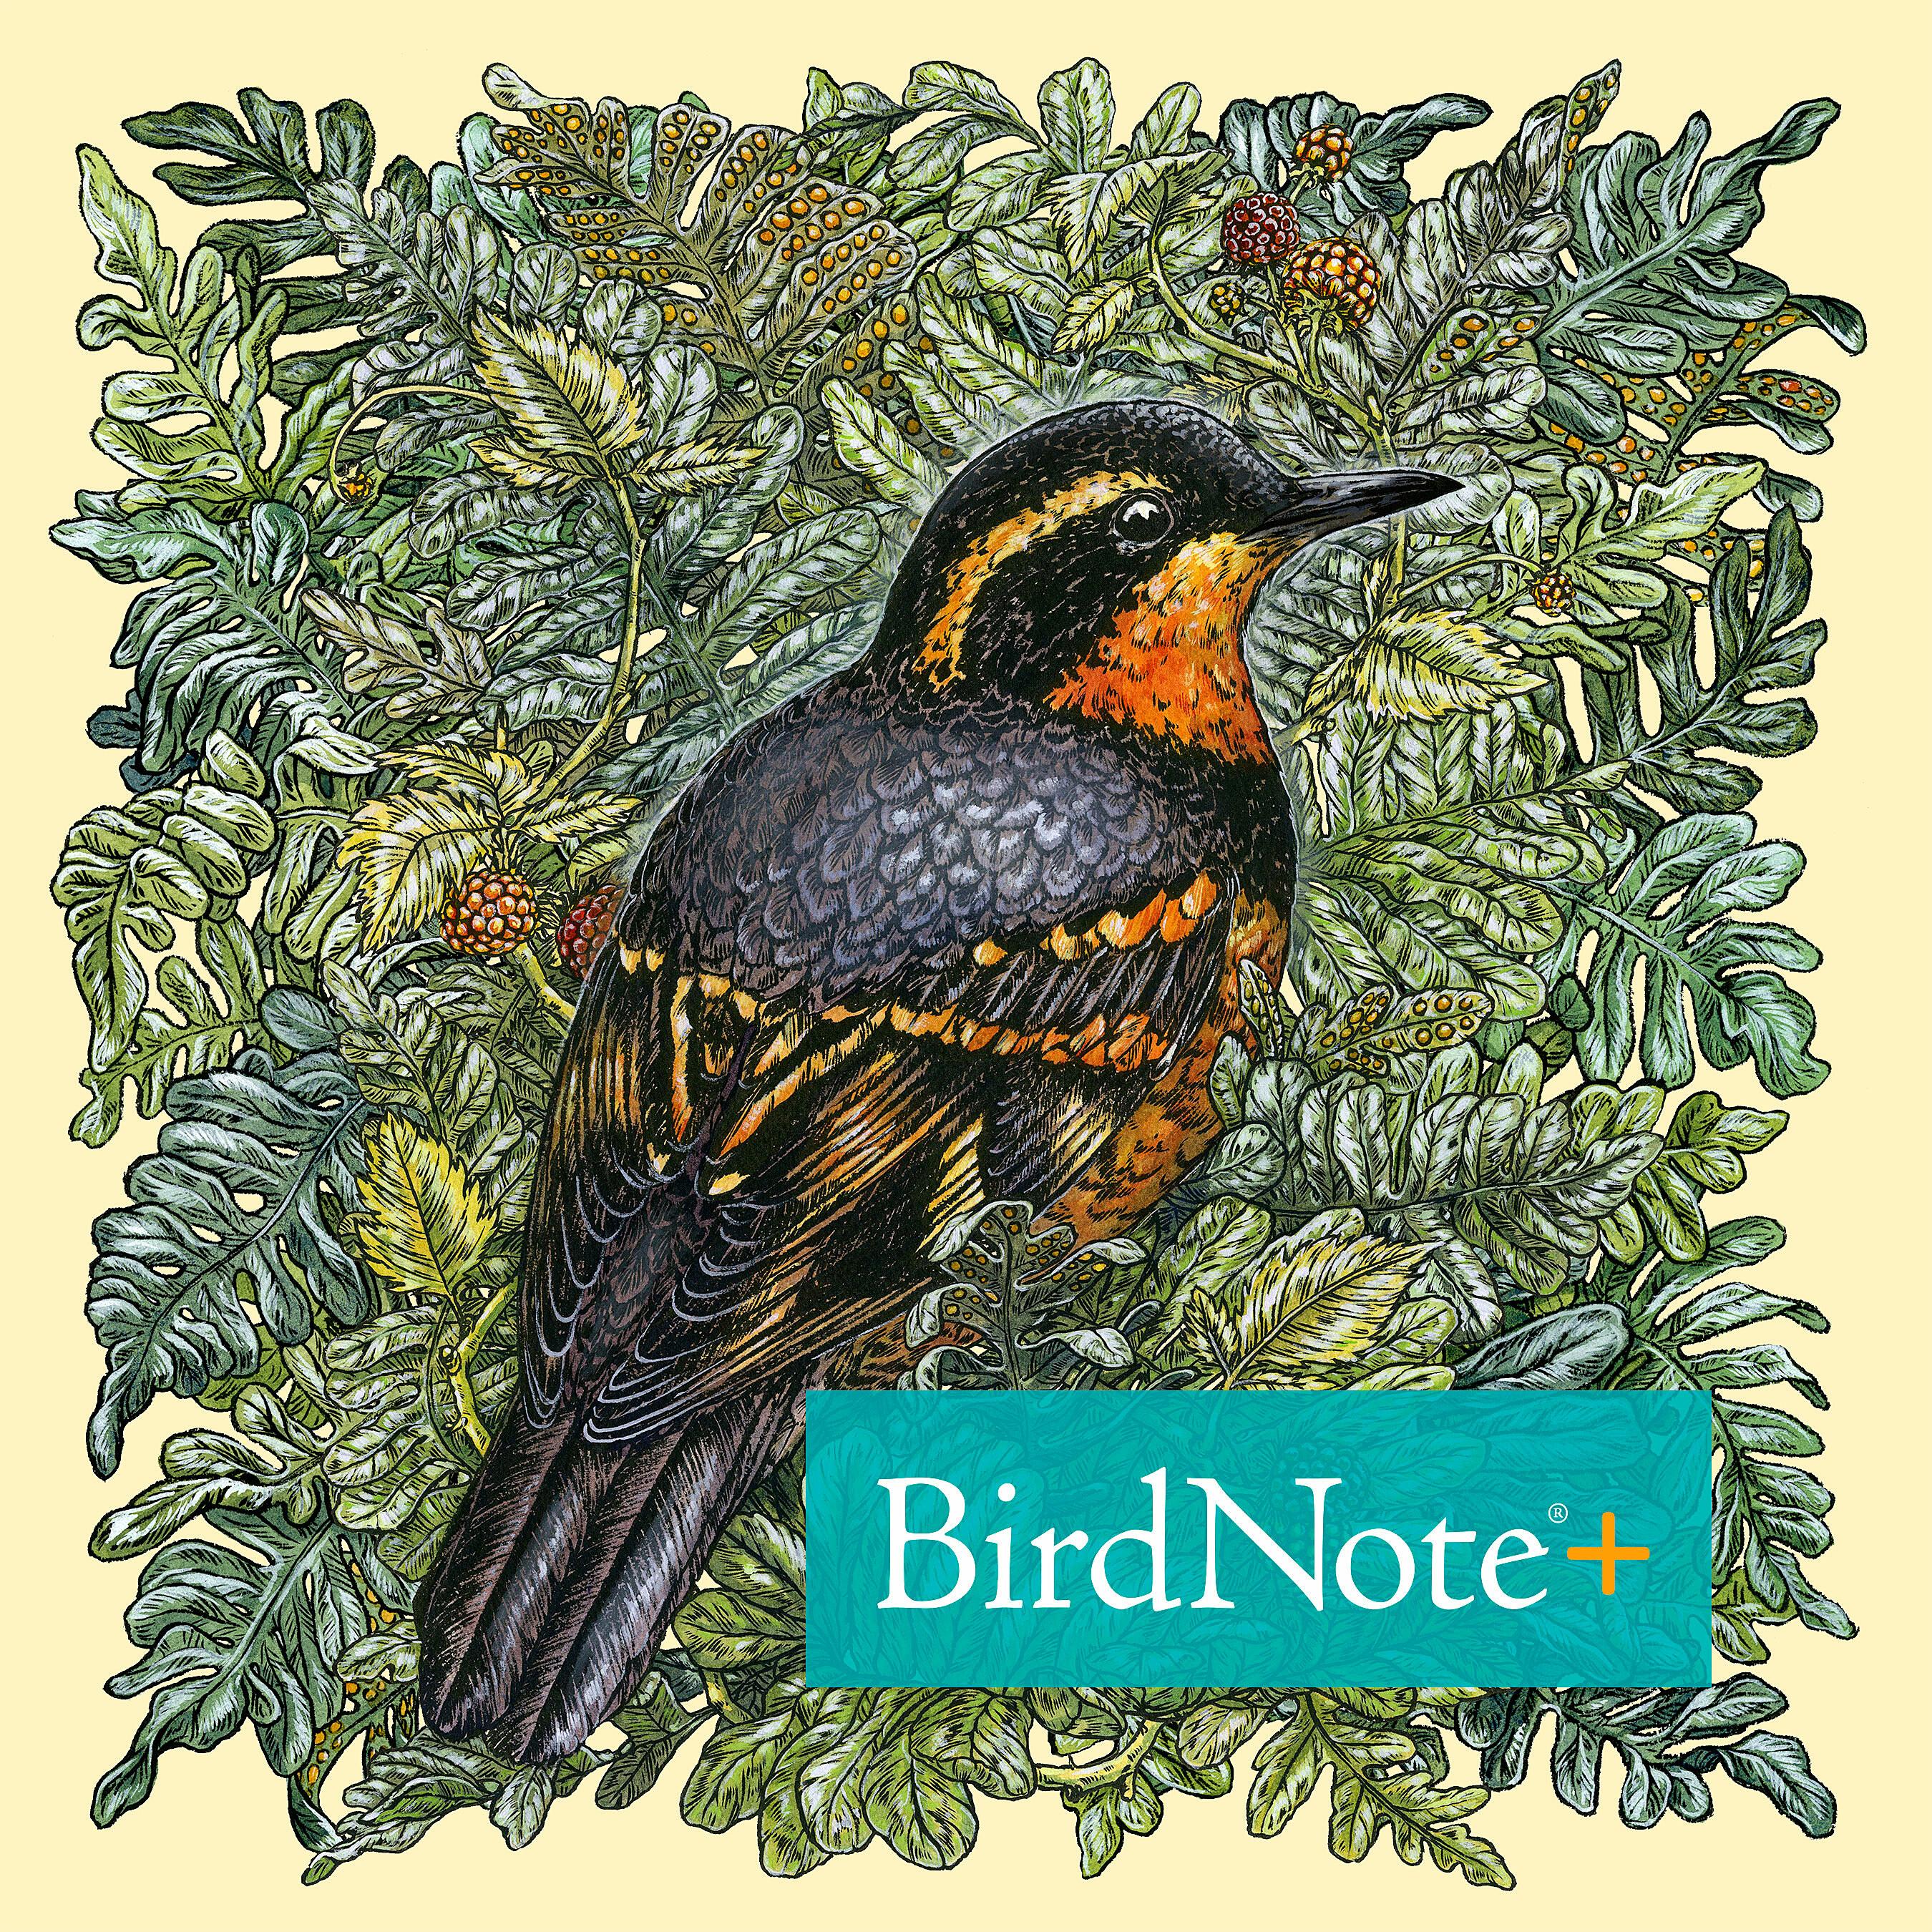 BirdNote Daily+